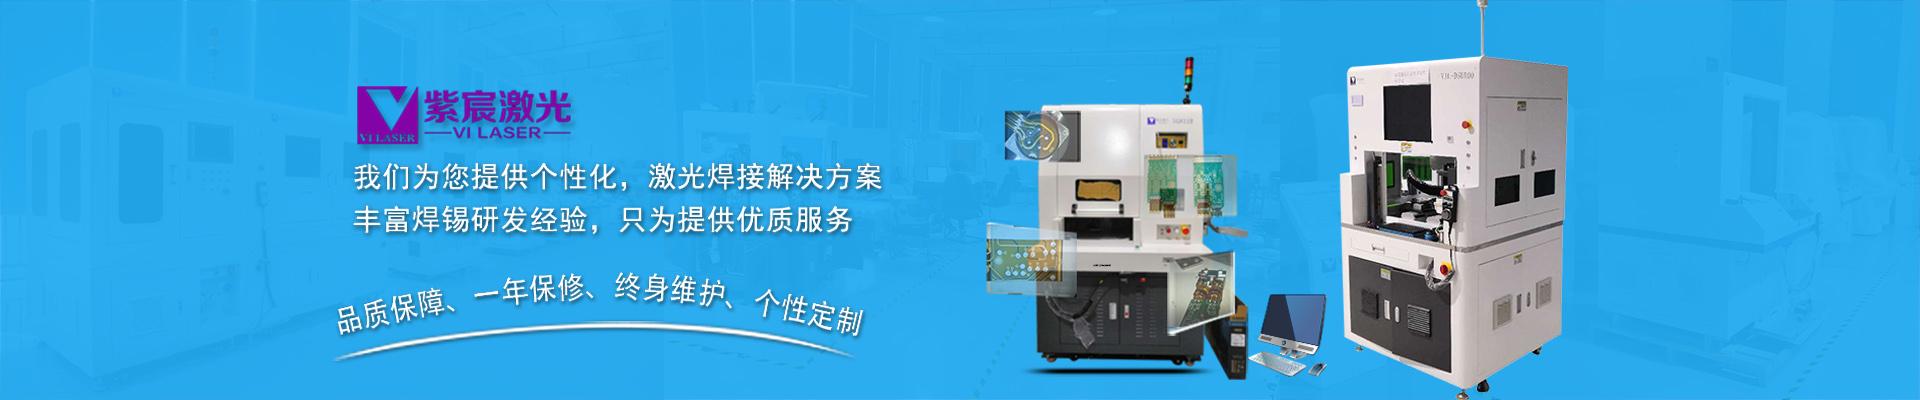 自动激光焊锡机